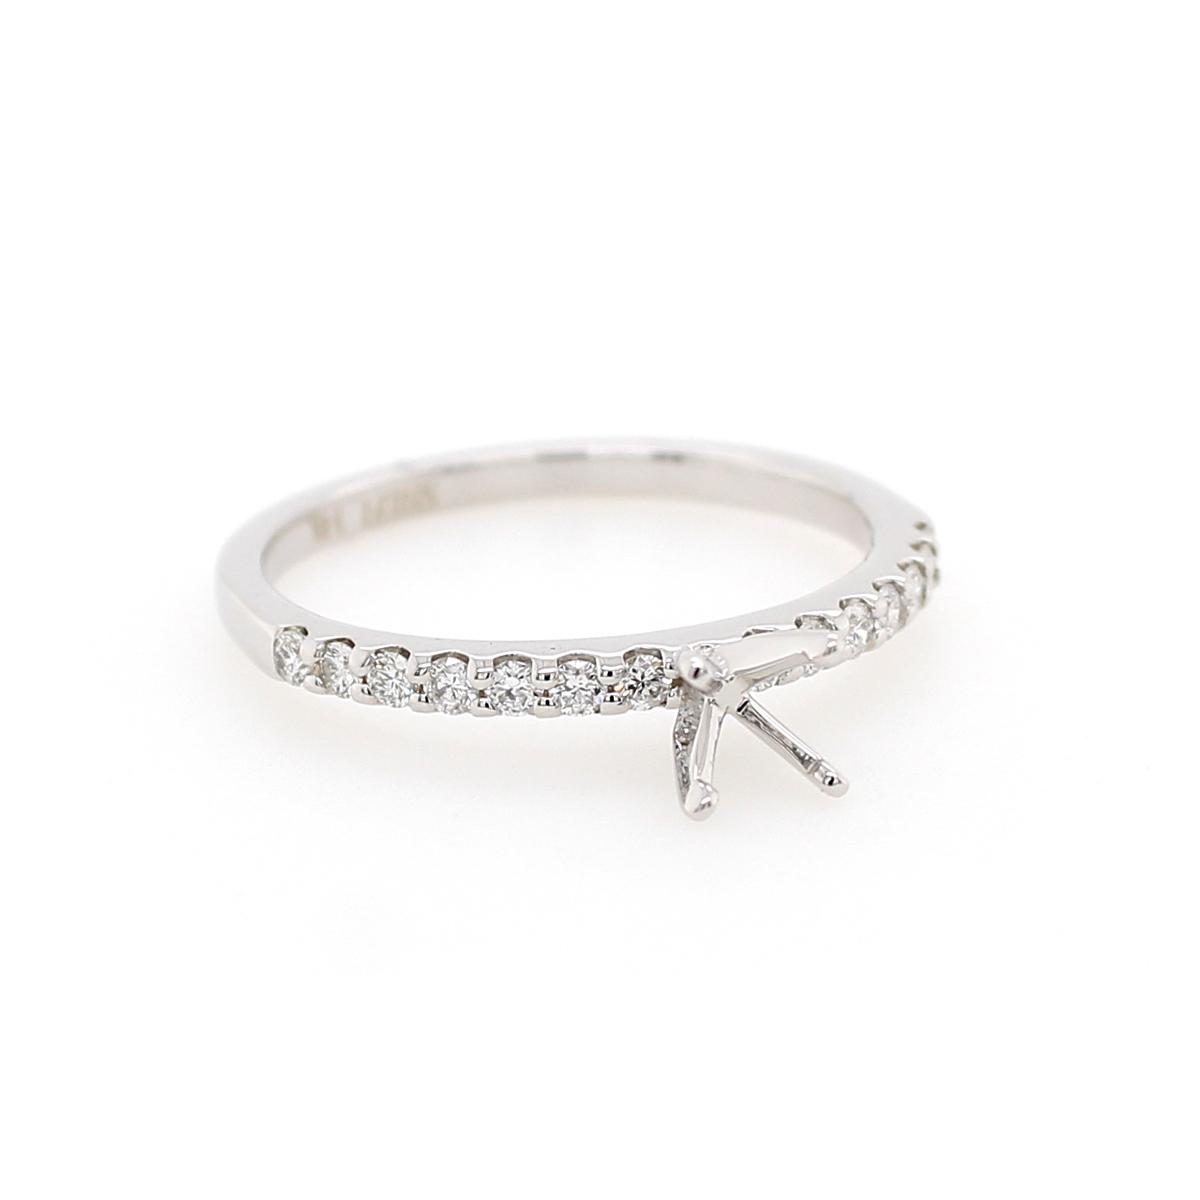 14 Karat White Gold .25 Carat Diamond Semi-Mount Engagement Ring